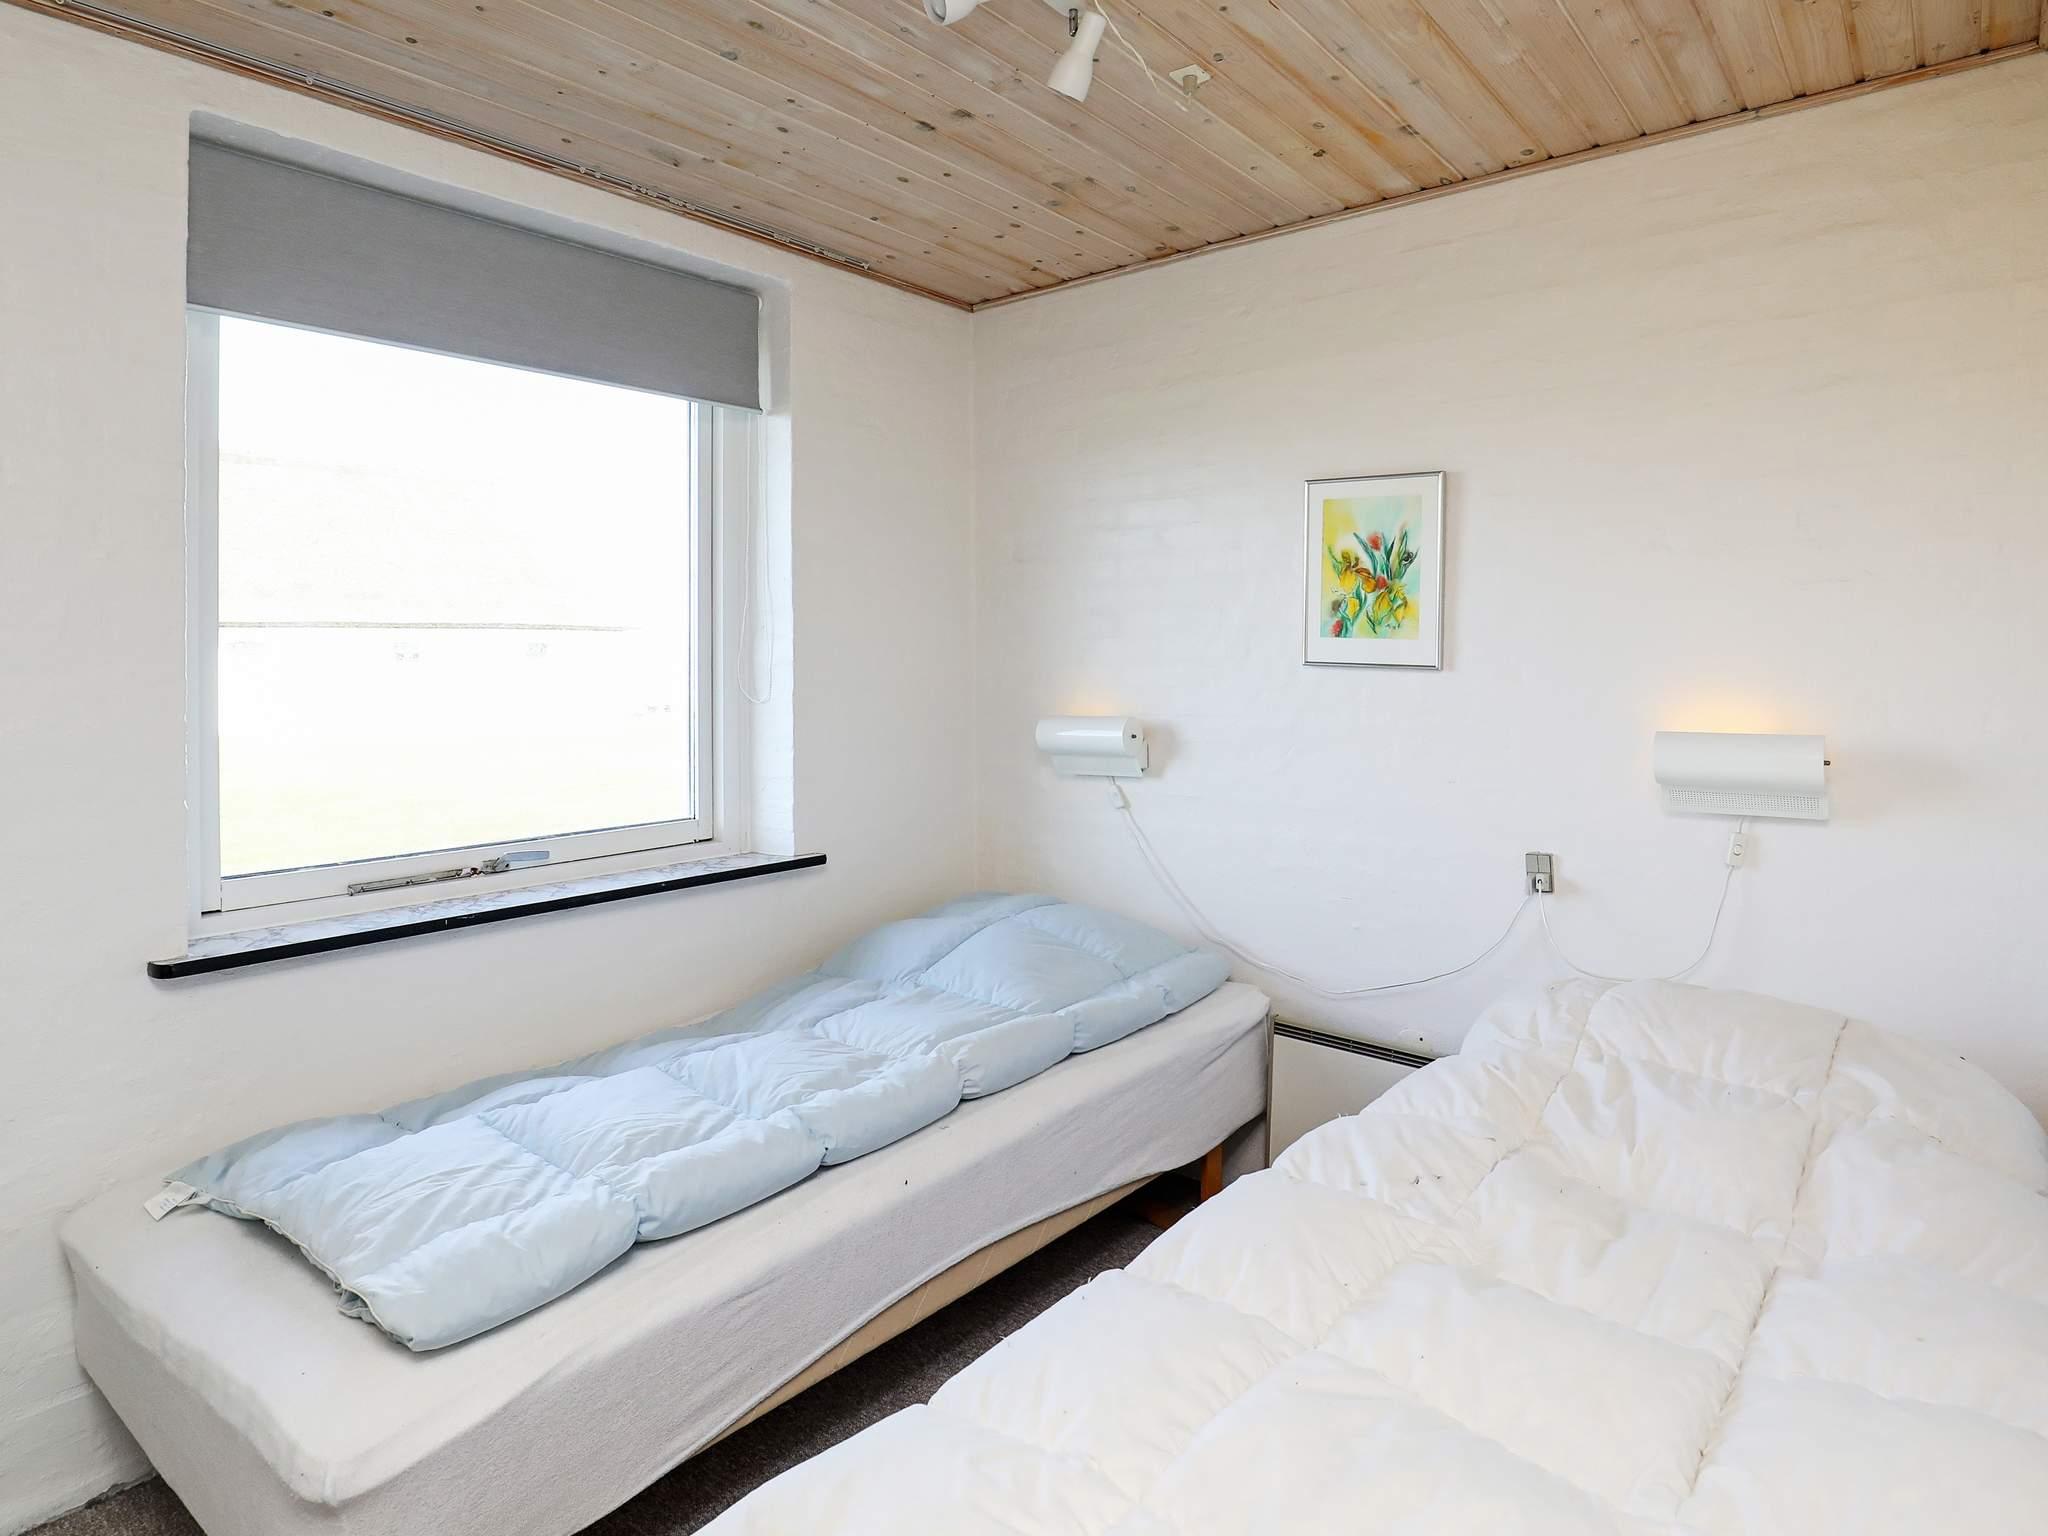 Ferienhaus Agger (81750), Vestervig, , Limfjord, Dänemark, Bild 11